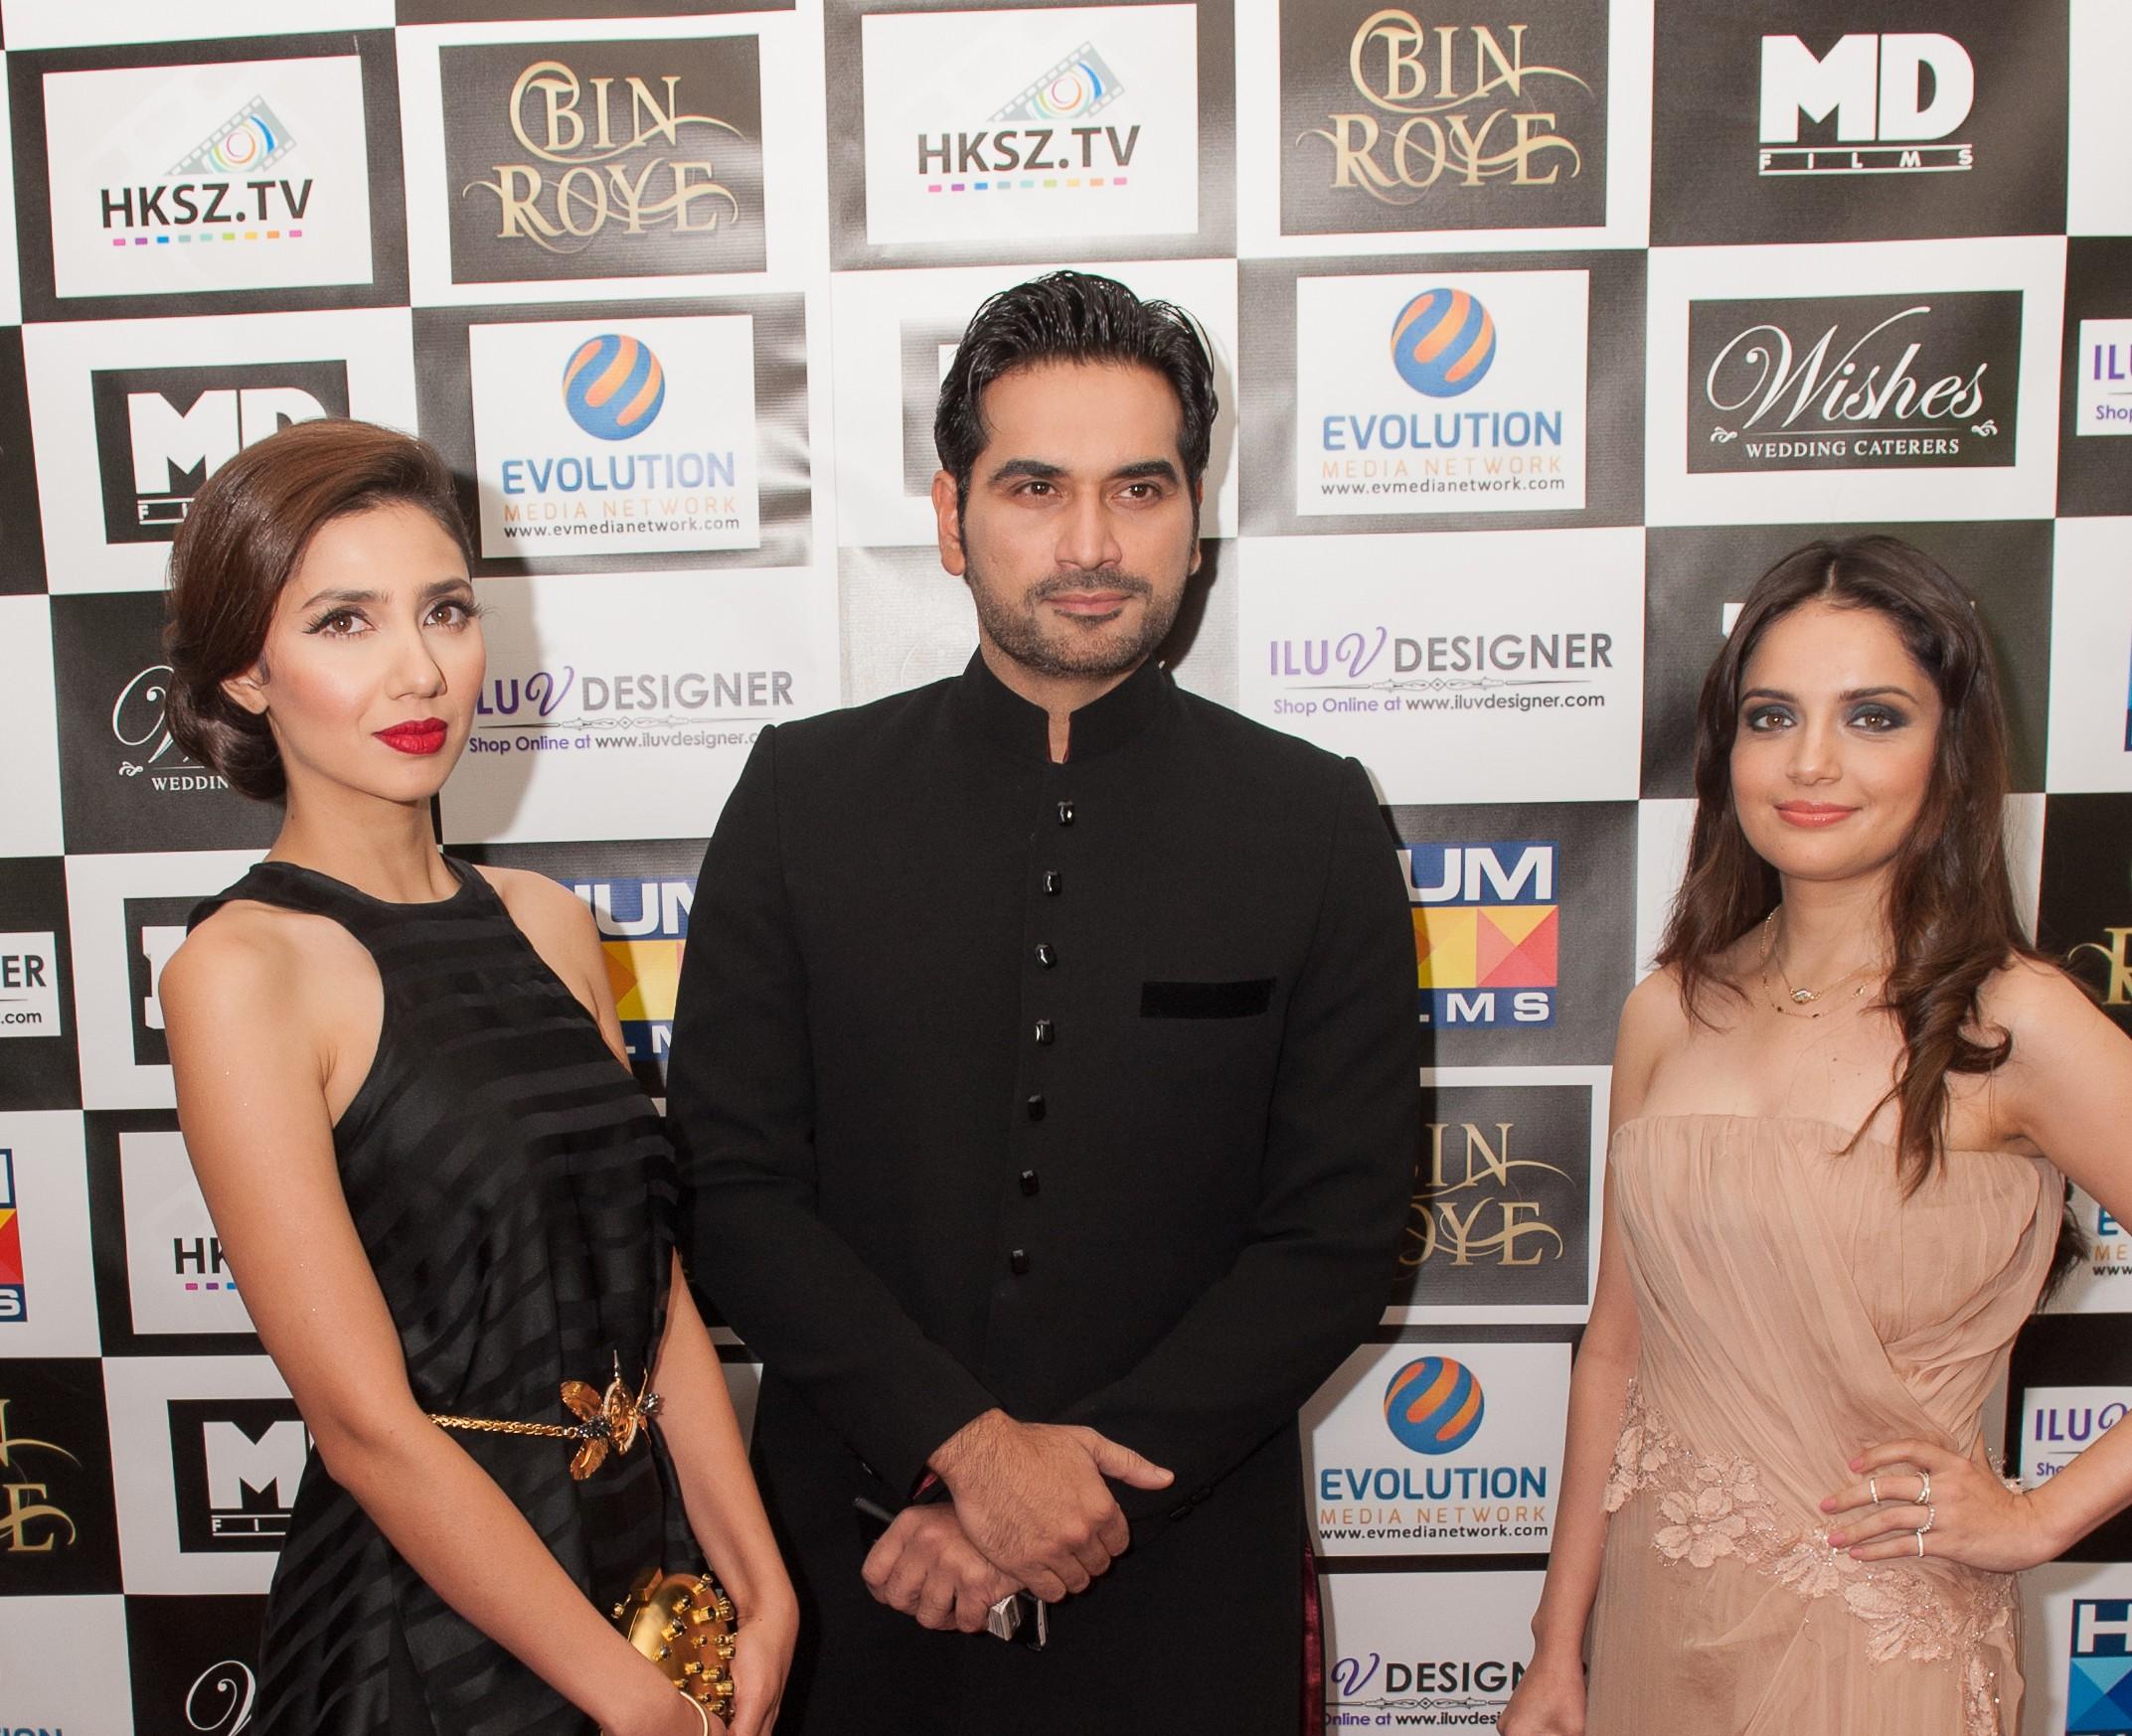 Bin Roye L-R Star cast of the film - Actress Mahira Khan, Actor Humayan Saeed, Actress Armeena Khan